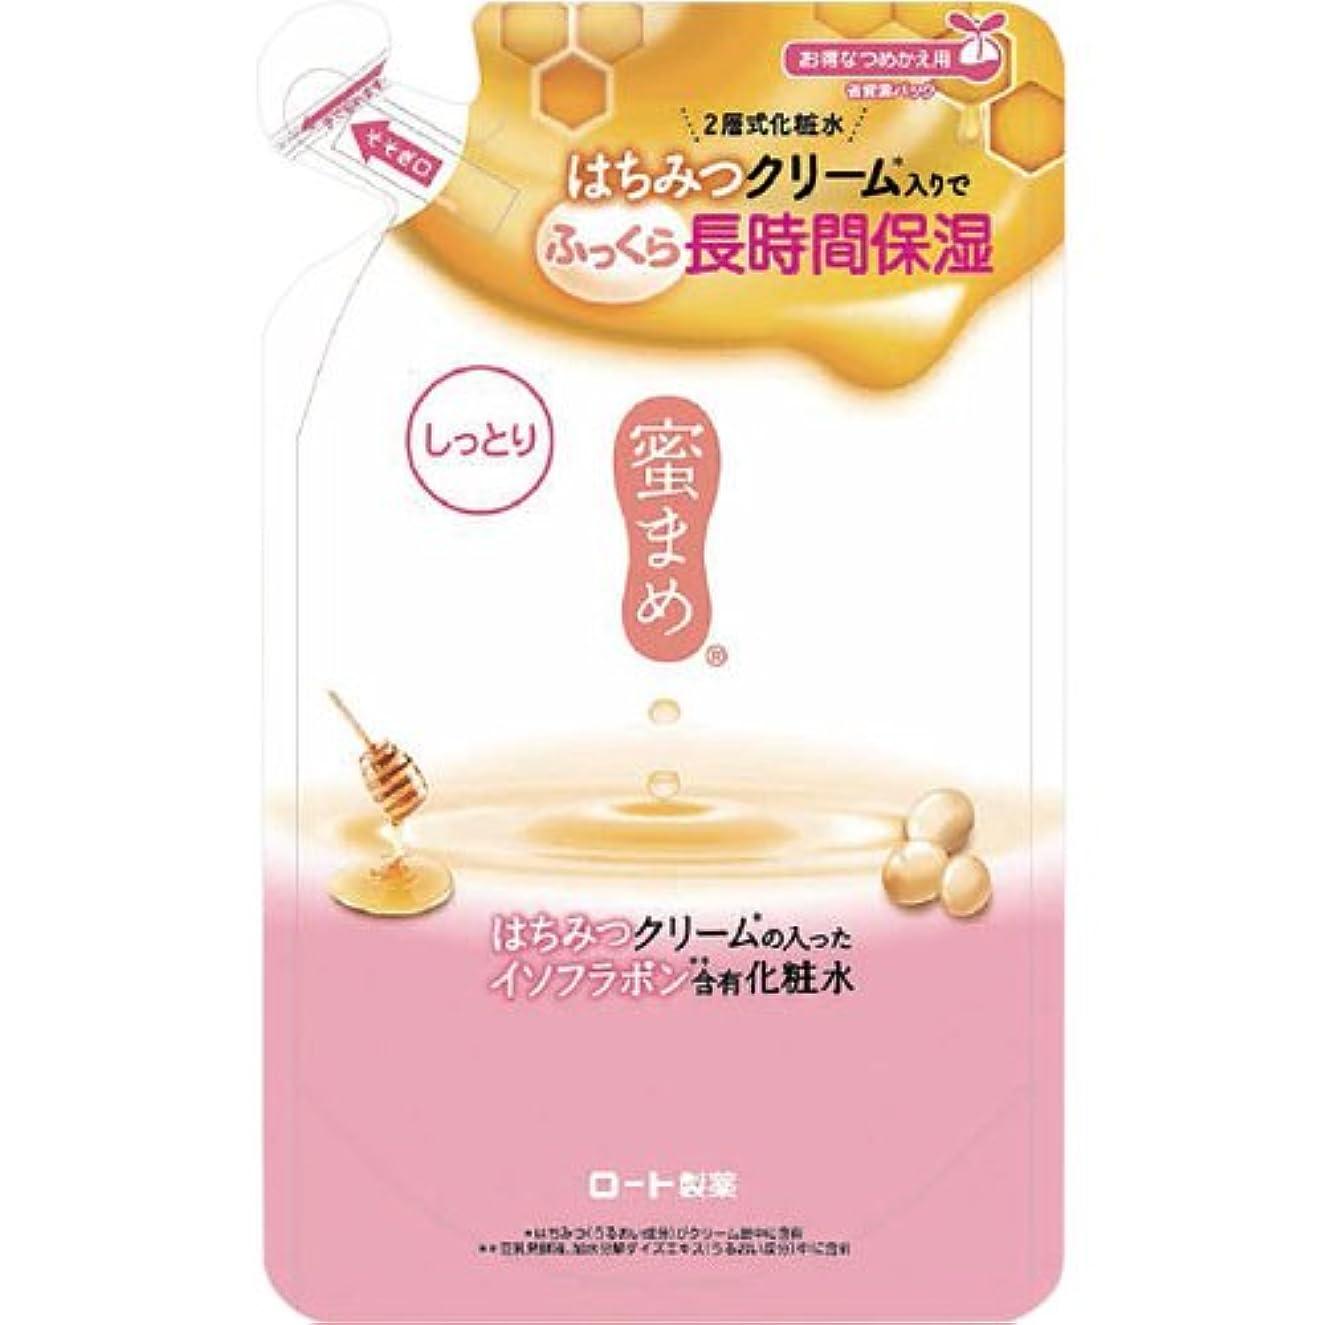 マイコンためらうシリアル蜜まめ 合わせ化粧水 (しっとり) (つめかえ用) 180mL